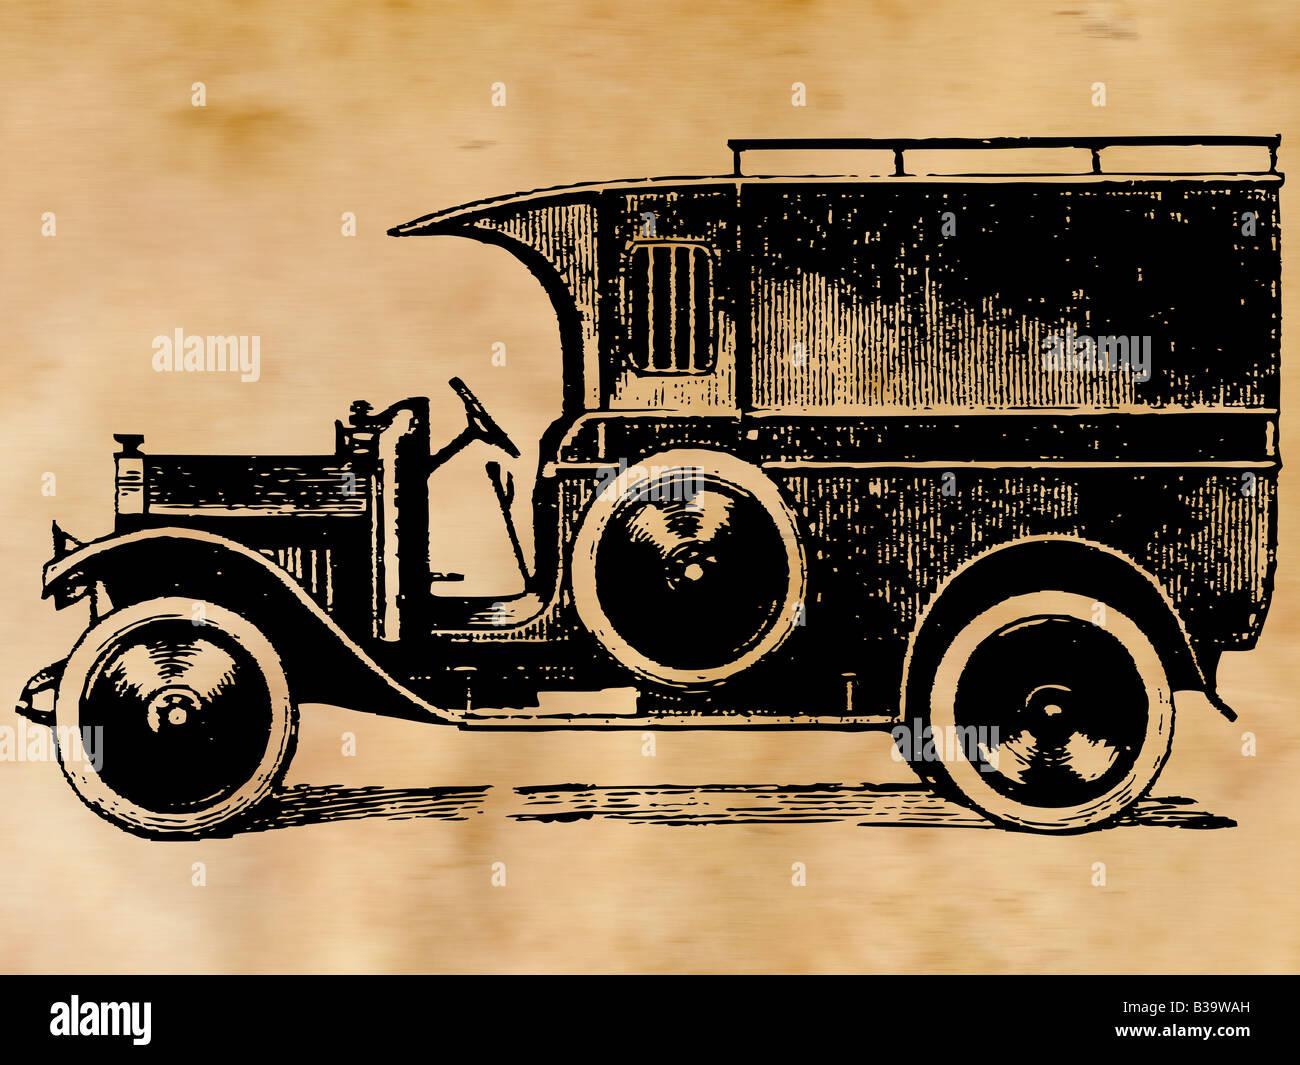 Illustration of a Vintage Car - Stock Image